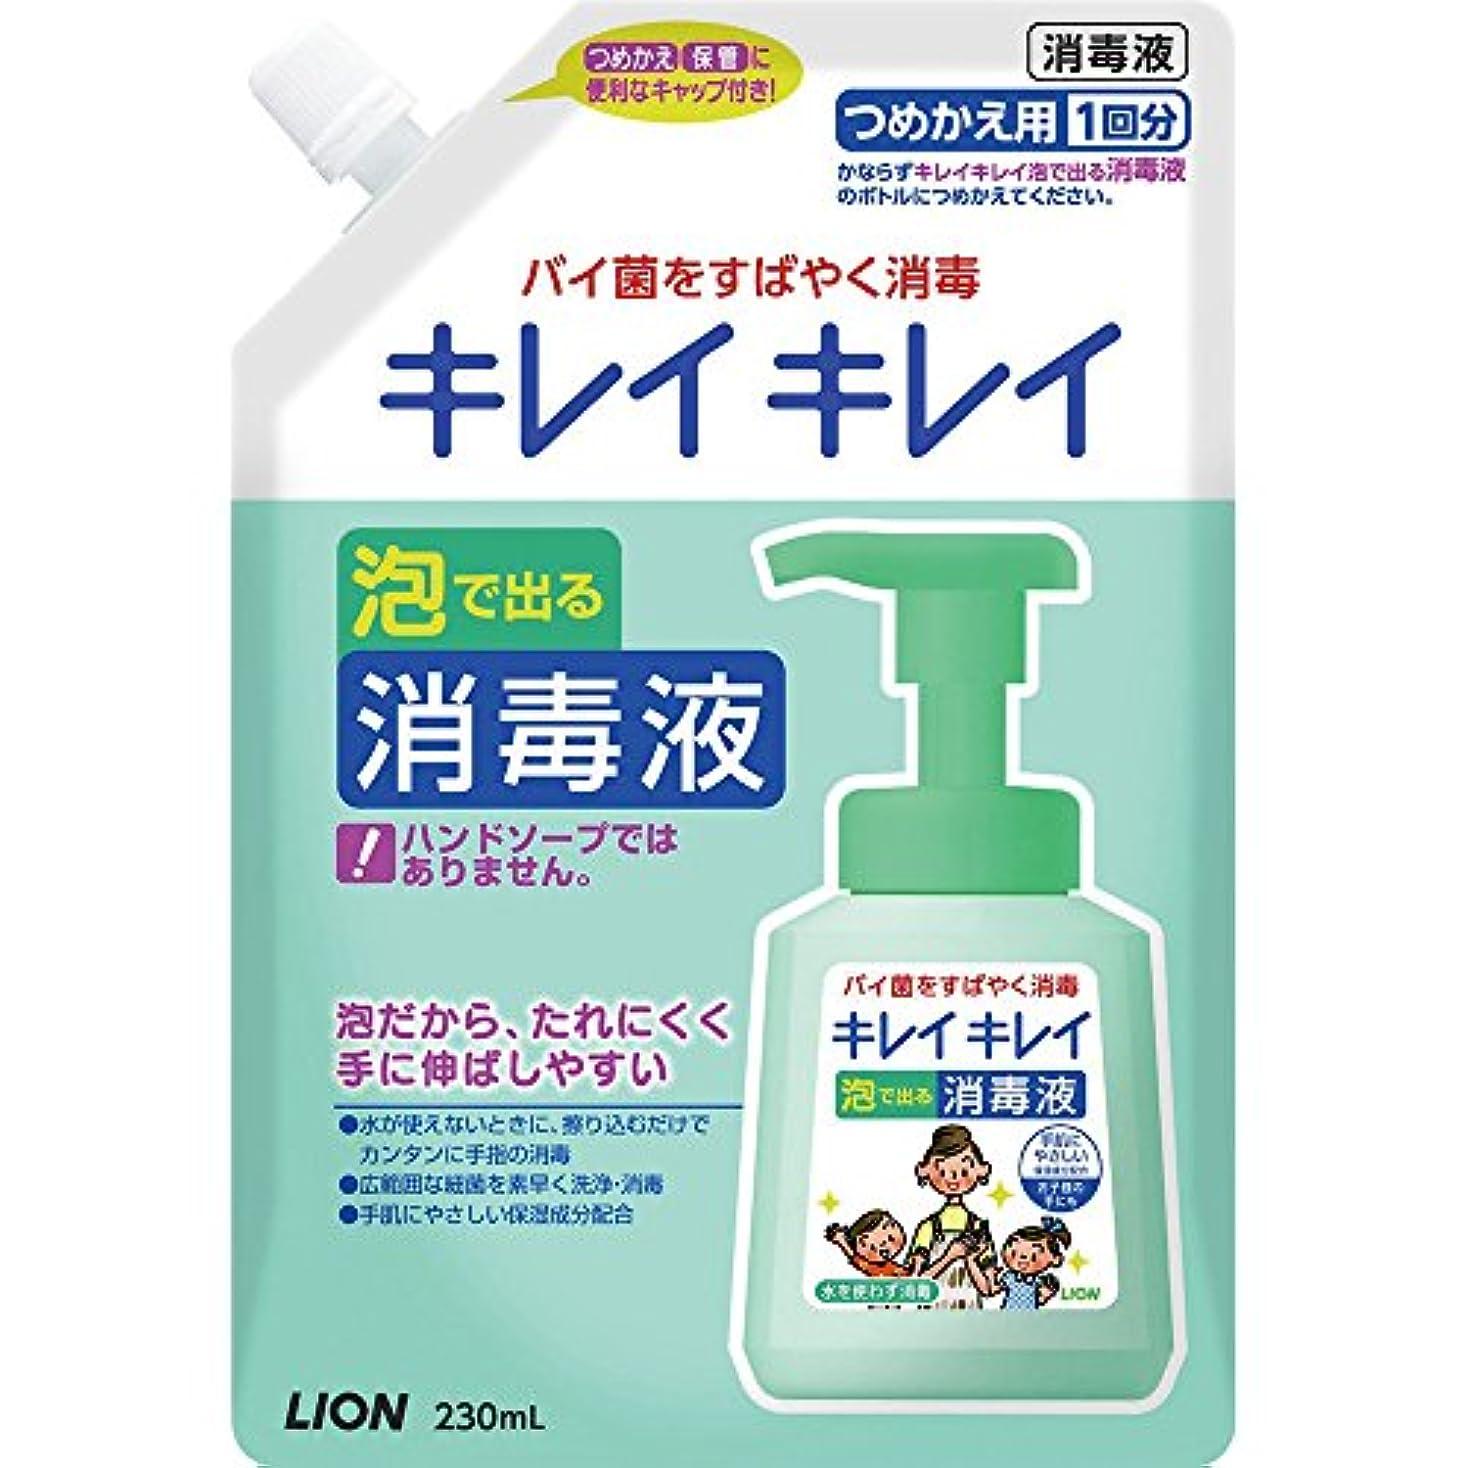 分岐するちなみに中でキレイキレイ 薬 泡ででる消毒液 詰替 230ml (指定医薬部外品)